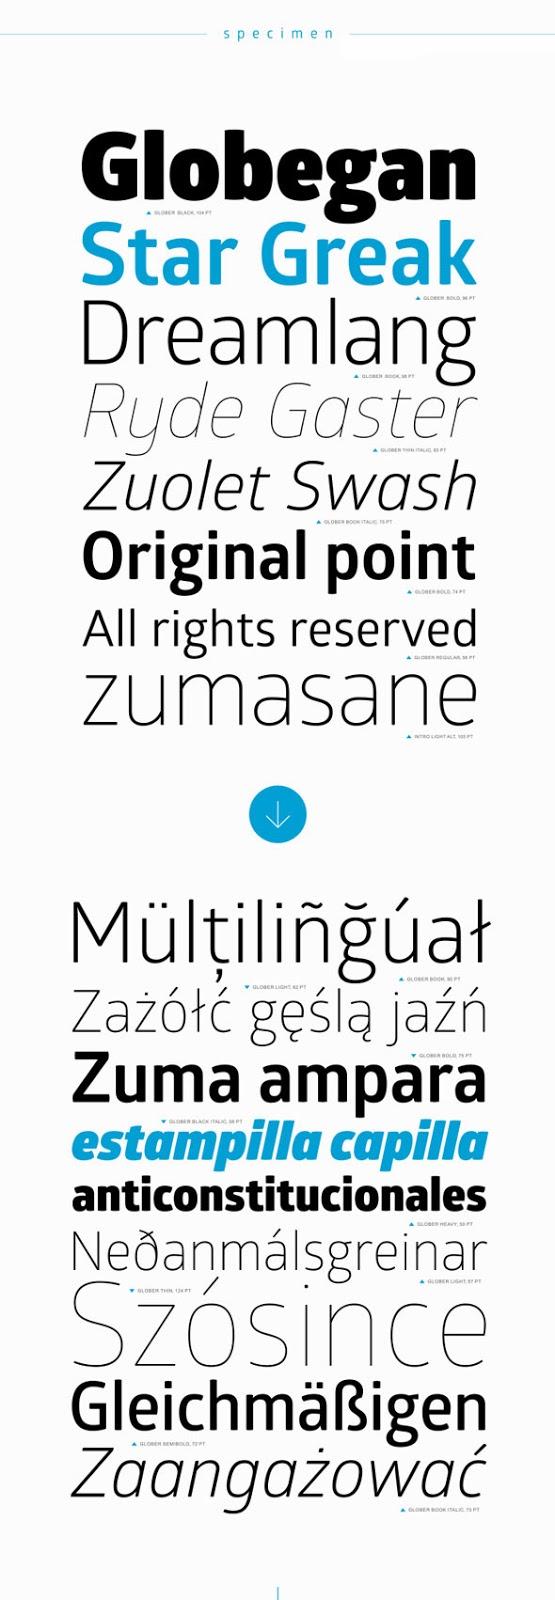 https://1.bp.blogspot.com/-KfXS9_WeVTw/UxjXeTE2q5I/AAAAAAAAYv4/3ykpH2n5d9A/s1600/6.free-fonts.jpg